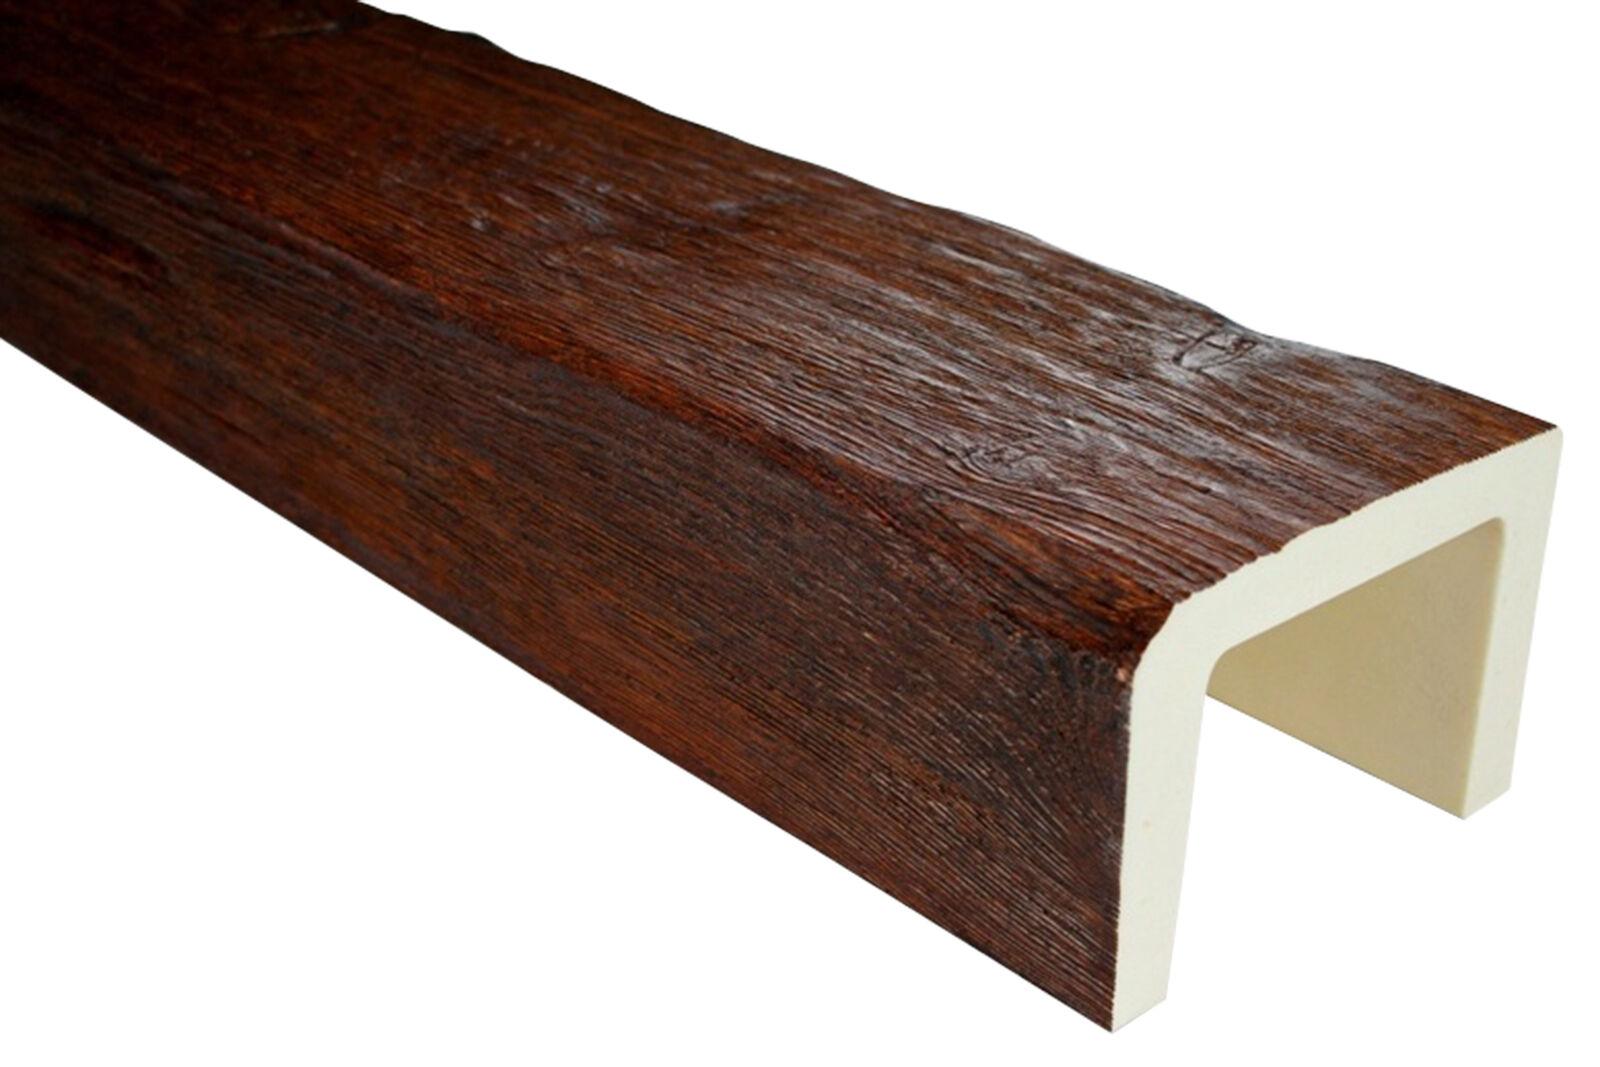 1 Stück Konsole PU Holzoptik Deco Wood Holzimitat 120x120mm EQ016 D